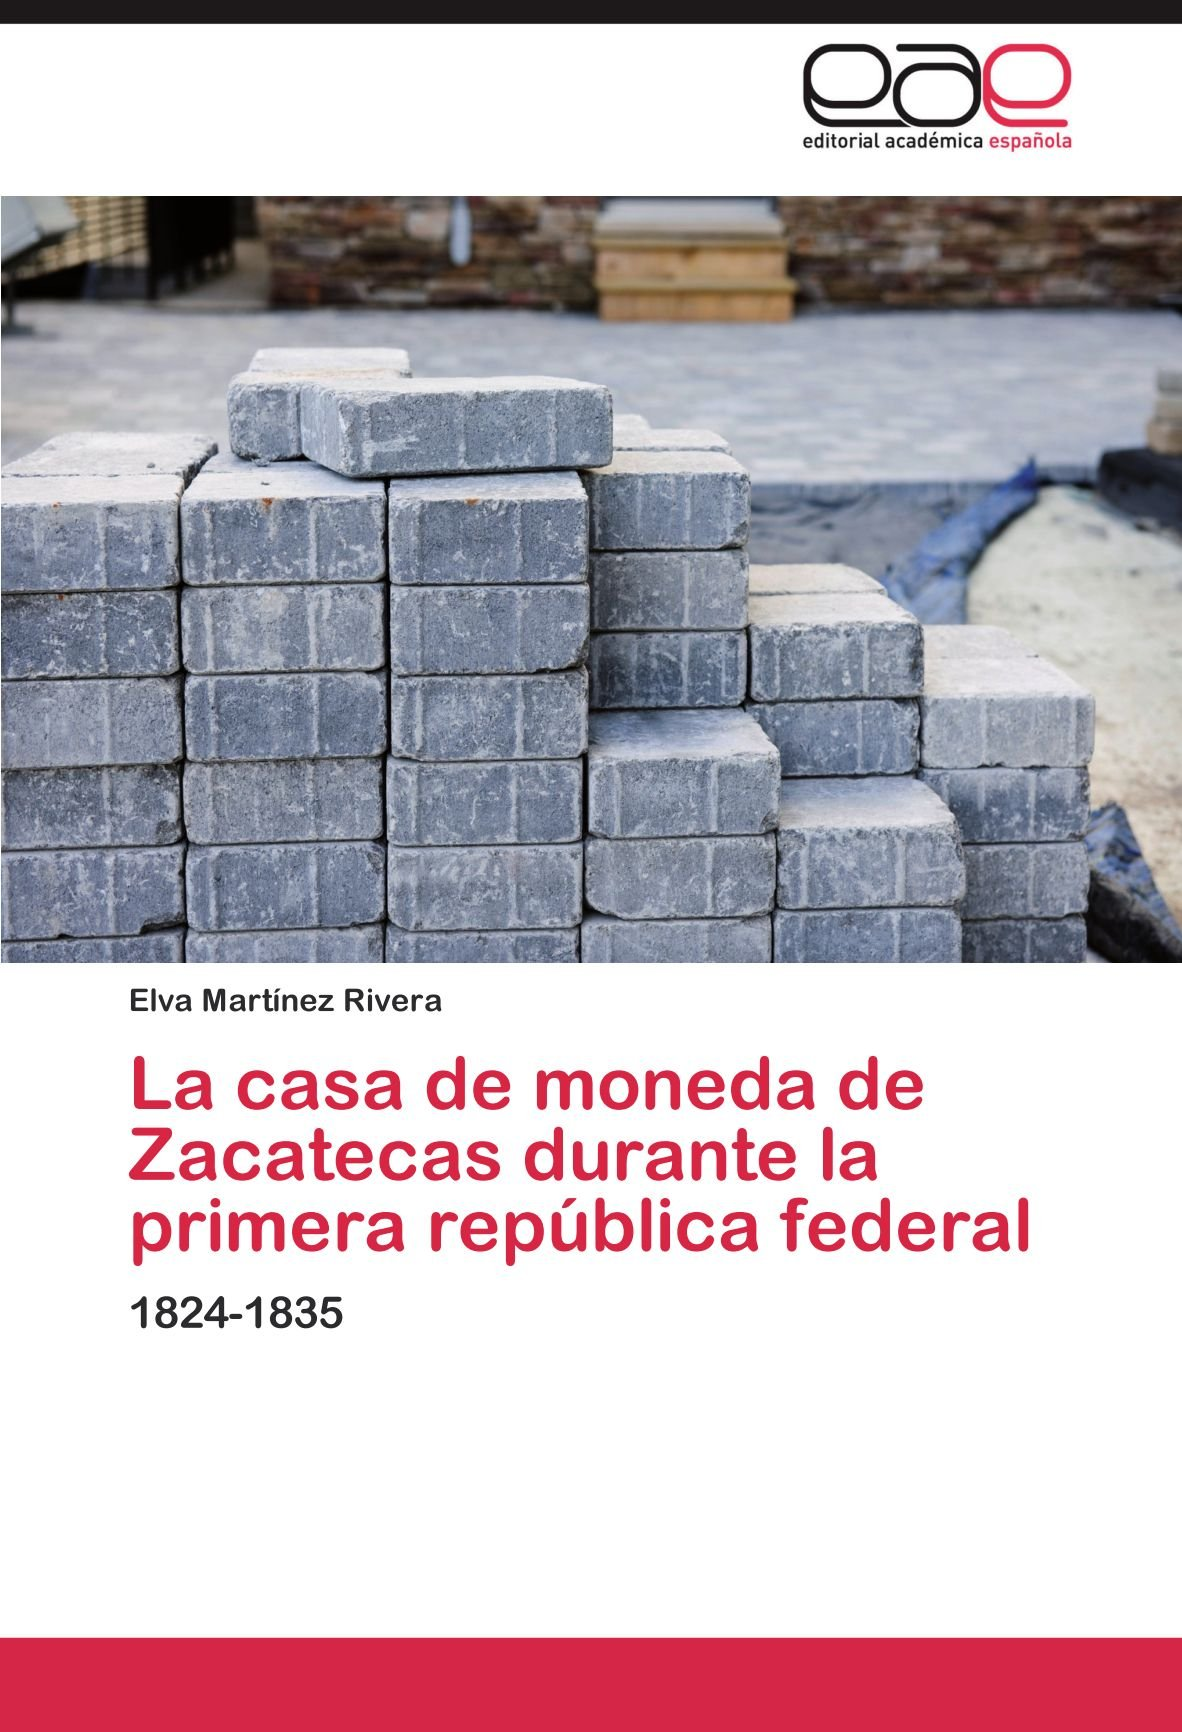 La casa de moneda de Zacatecas durante la primera república federal: 1824-1835 (Spanish Edition) ebook